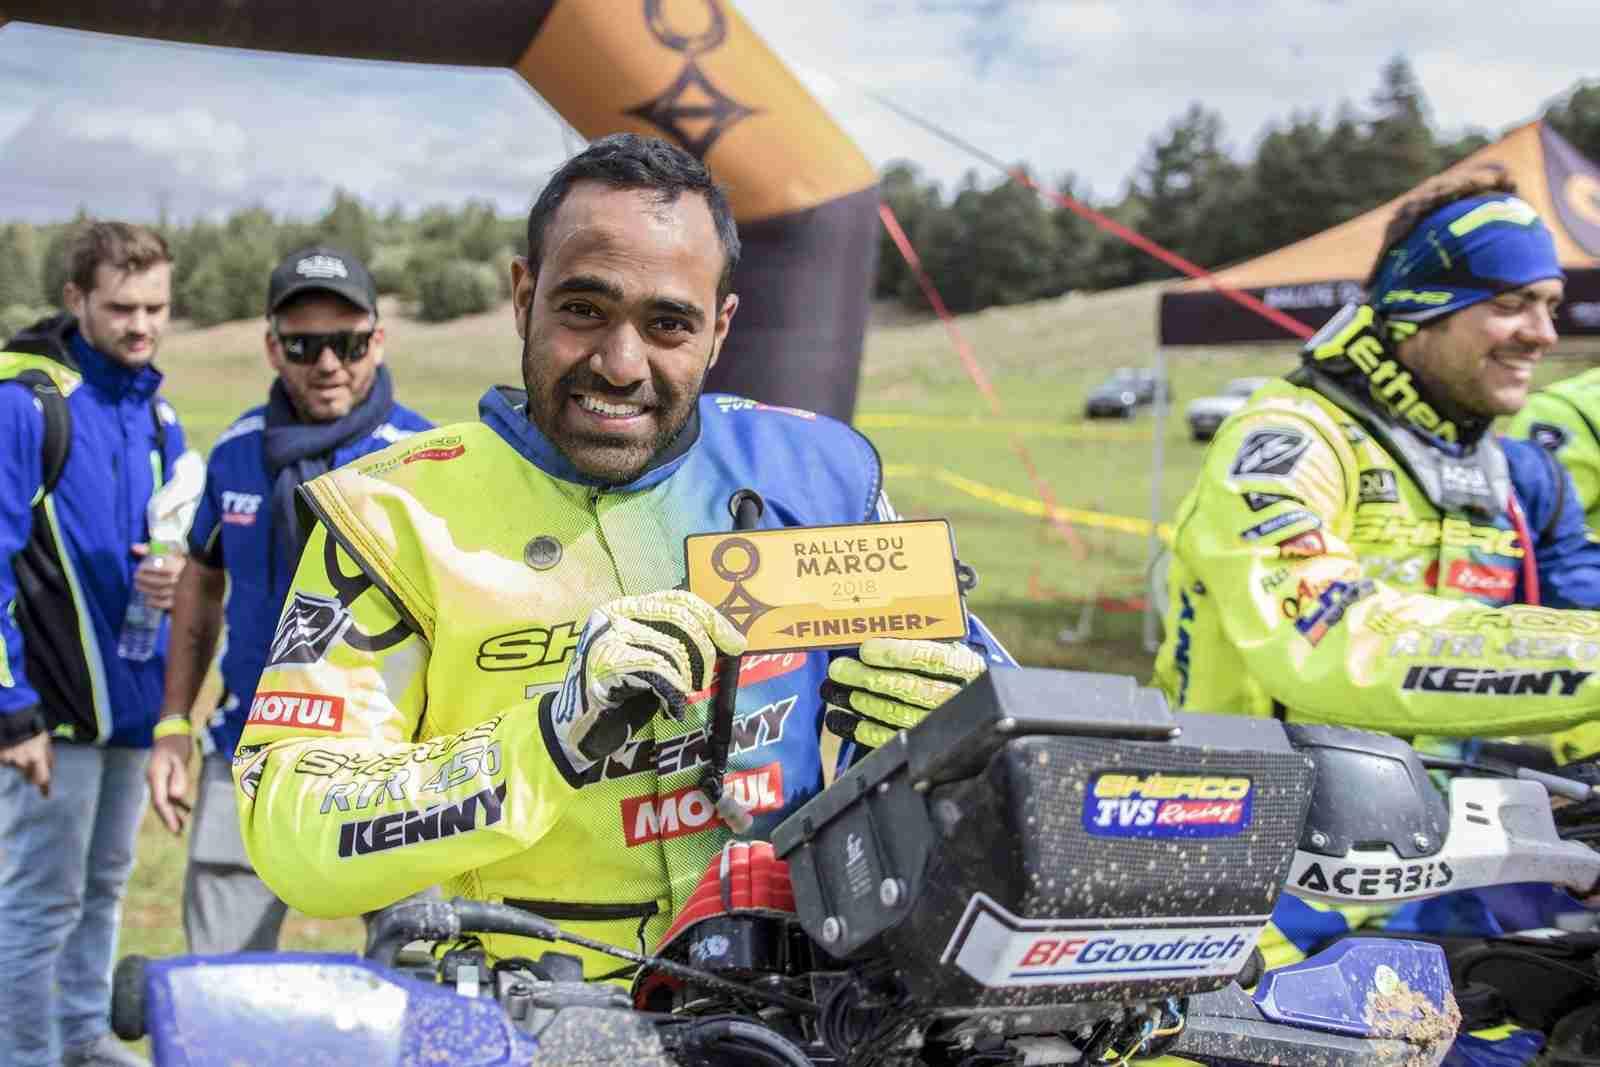 Abdul Wahid Tanveer Sherco TVS rider